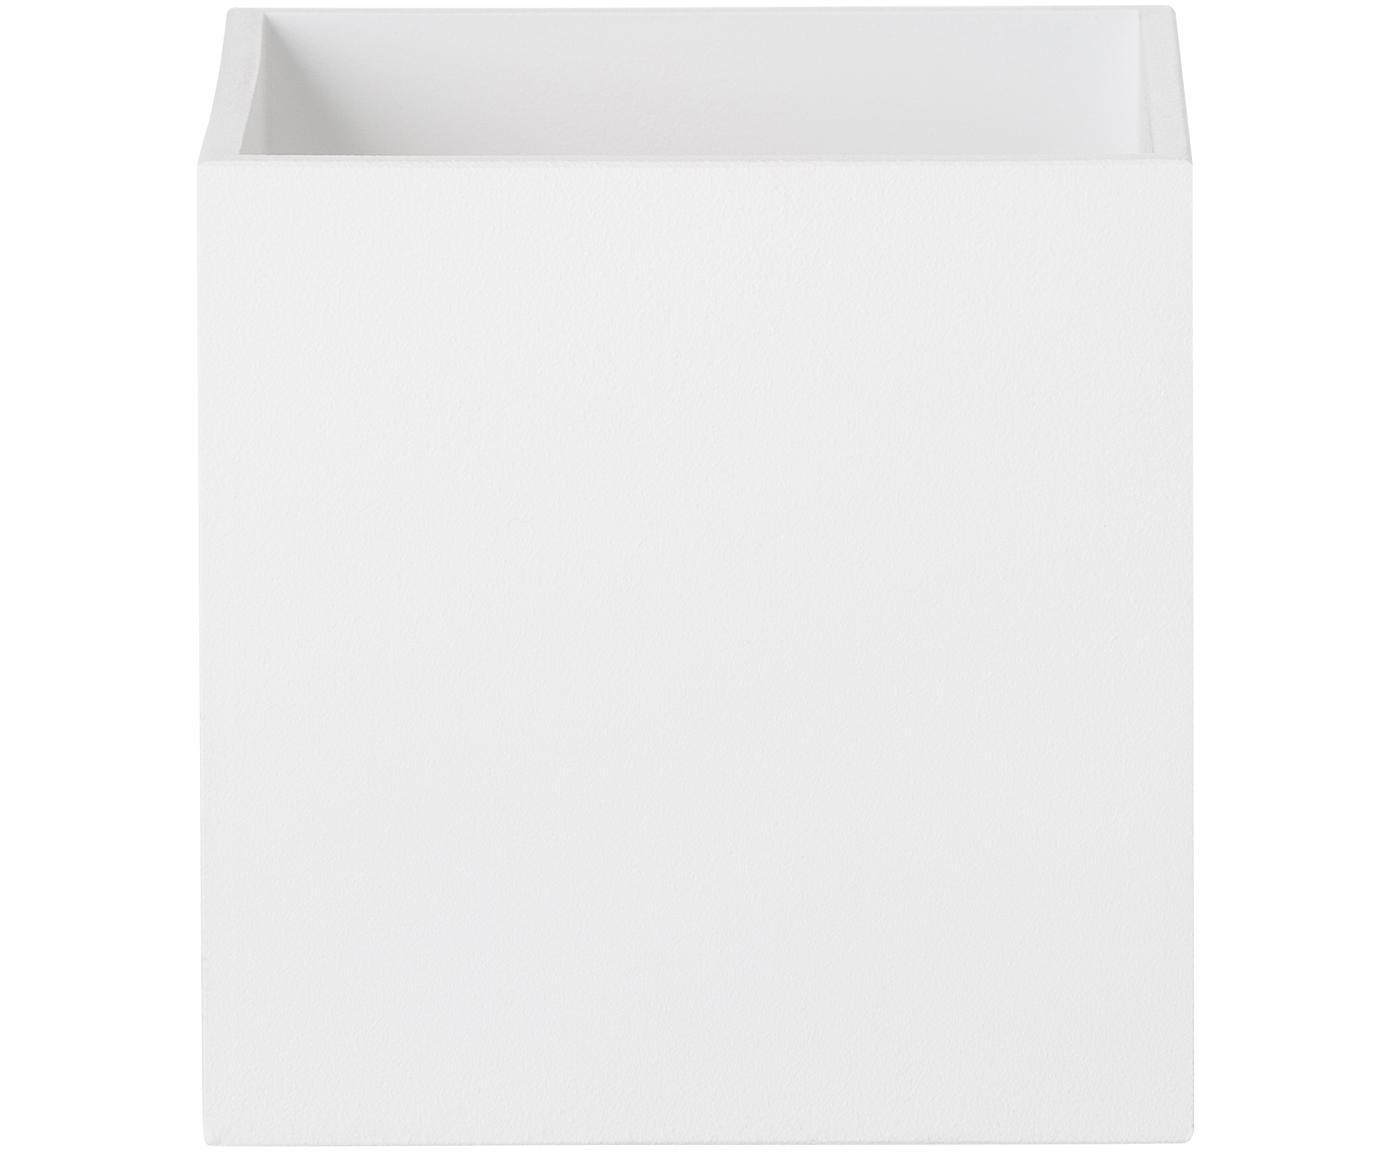 Wandleuchte Quad, Aluminium, pulverbeschichtet, Weiss, 10 x 10 cm